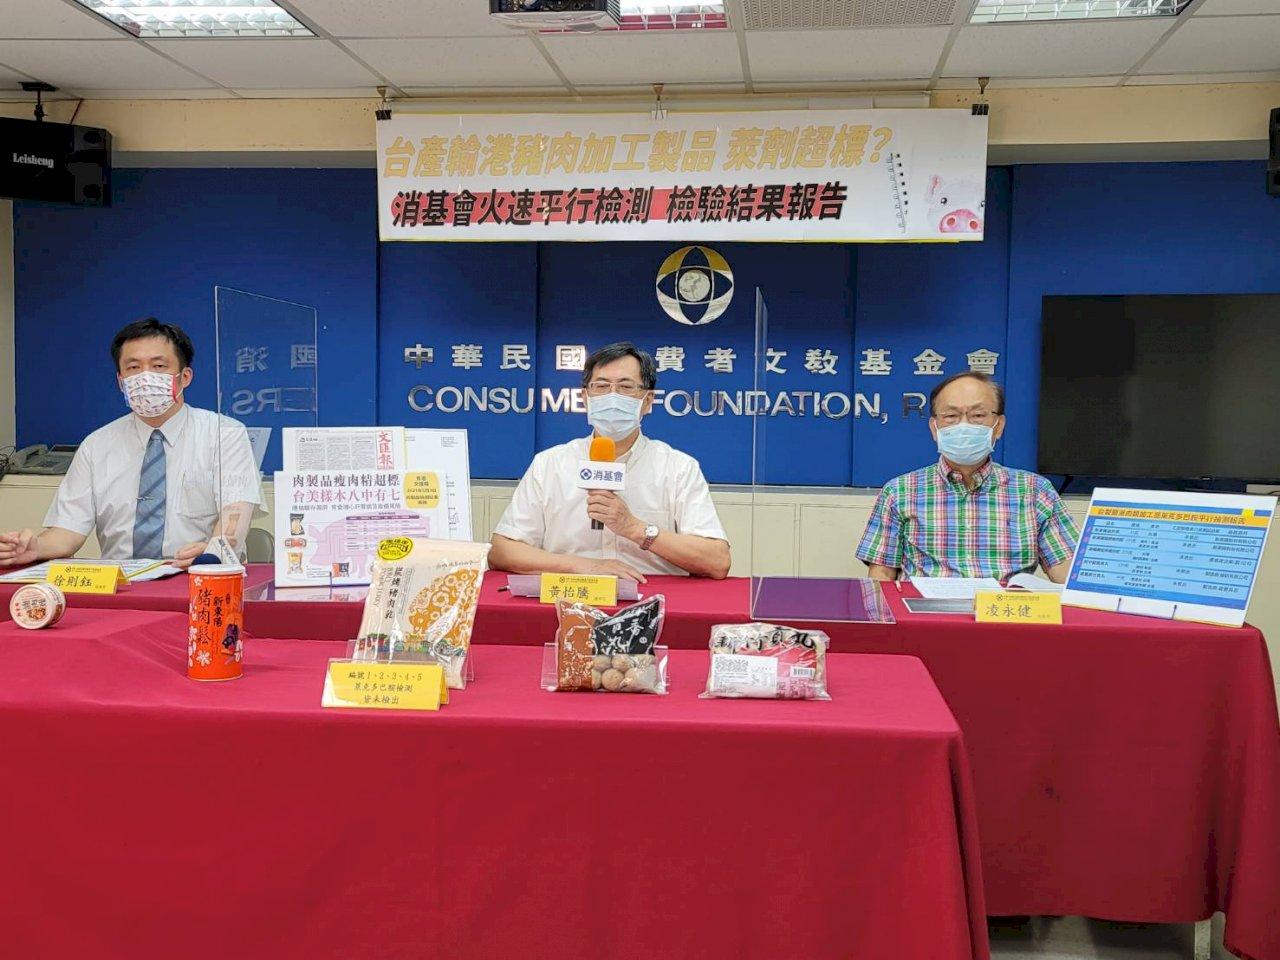 香港文匯報指台豬製品瘦肉精超標 消基會平行抽驗還清白